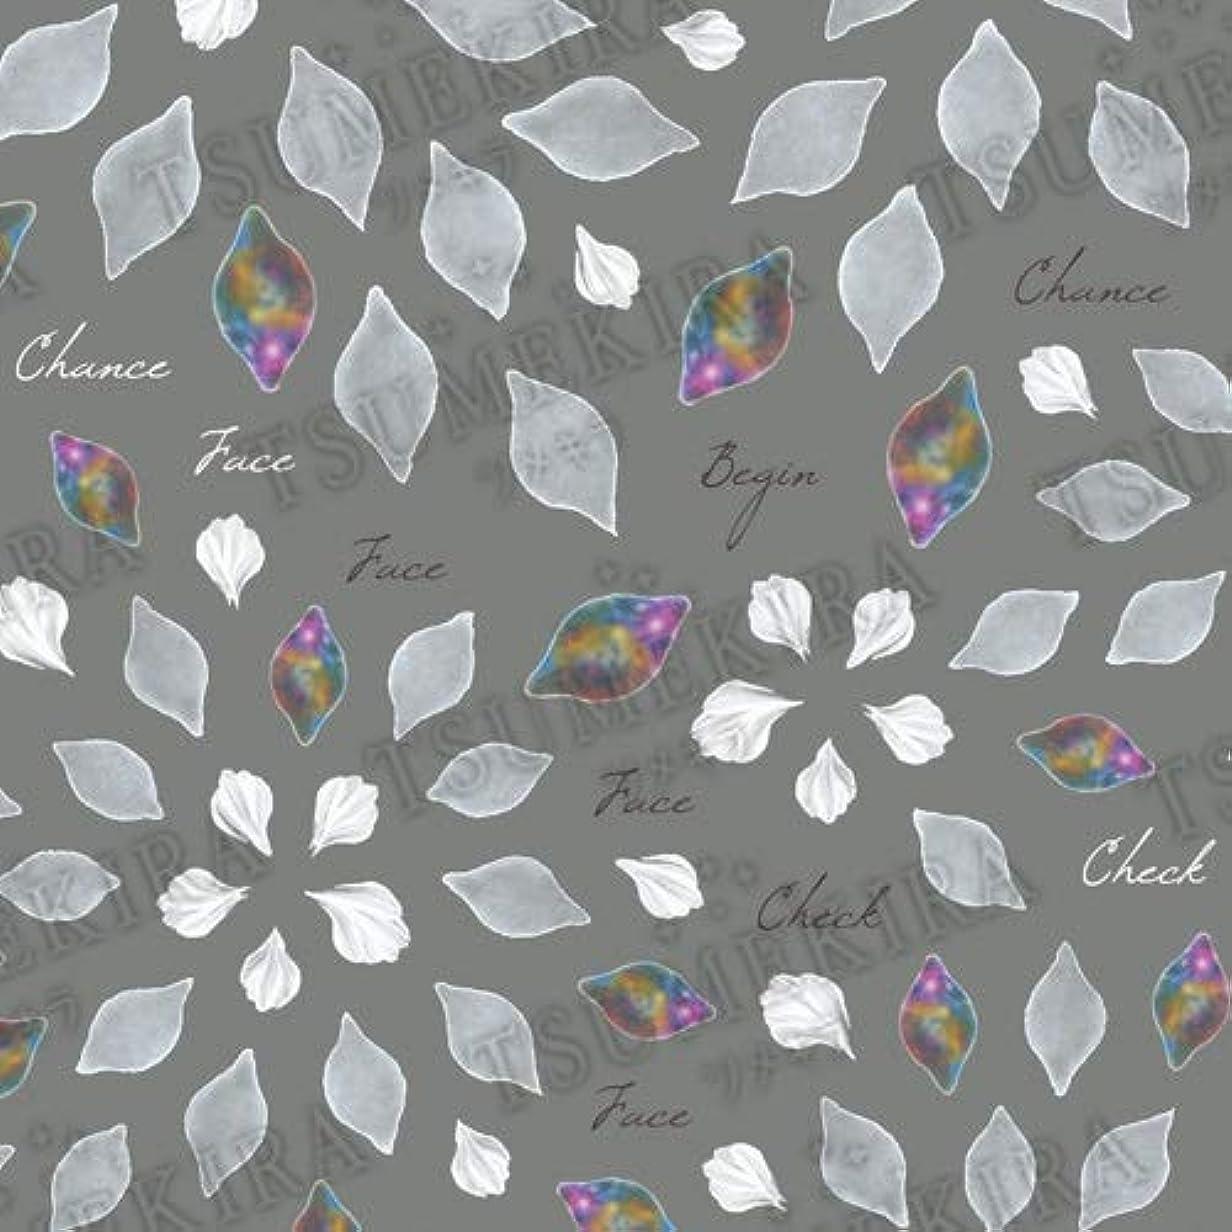 日食十一犯罪TSUMEKIRA(ツメキラ) ネイルシール Hanakoプロデュース3 Chiffon fiore NN-HNK-103 1枚